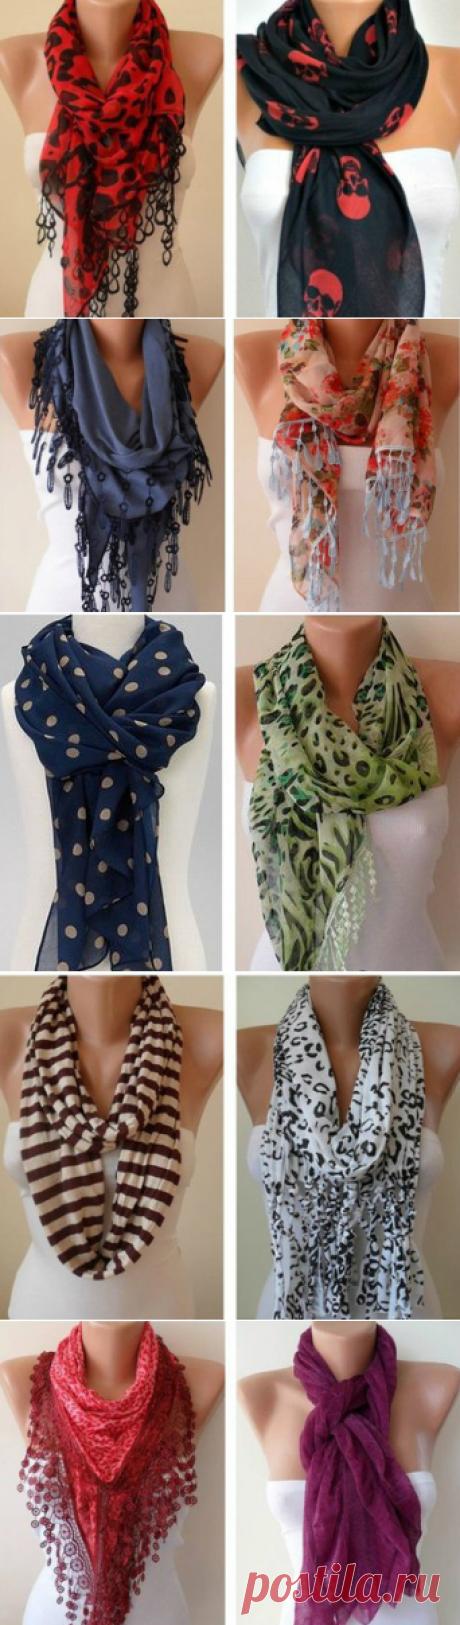 Как правильно носить женский шарф: 58 лучших вариантов!   Мир красоты